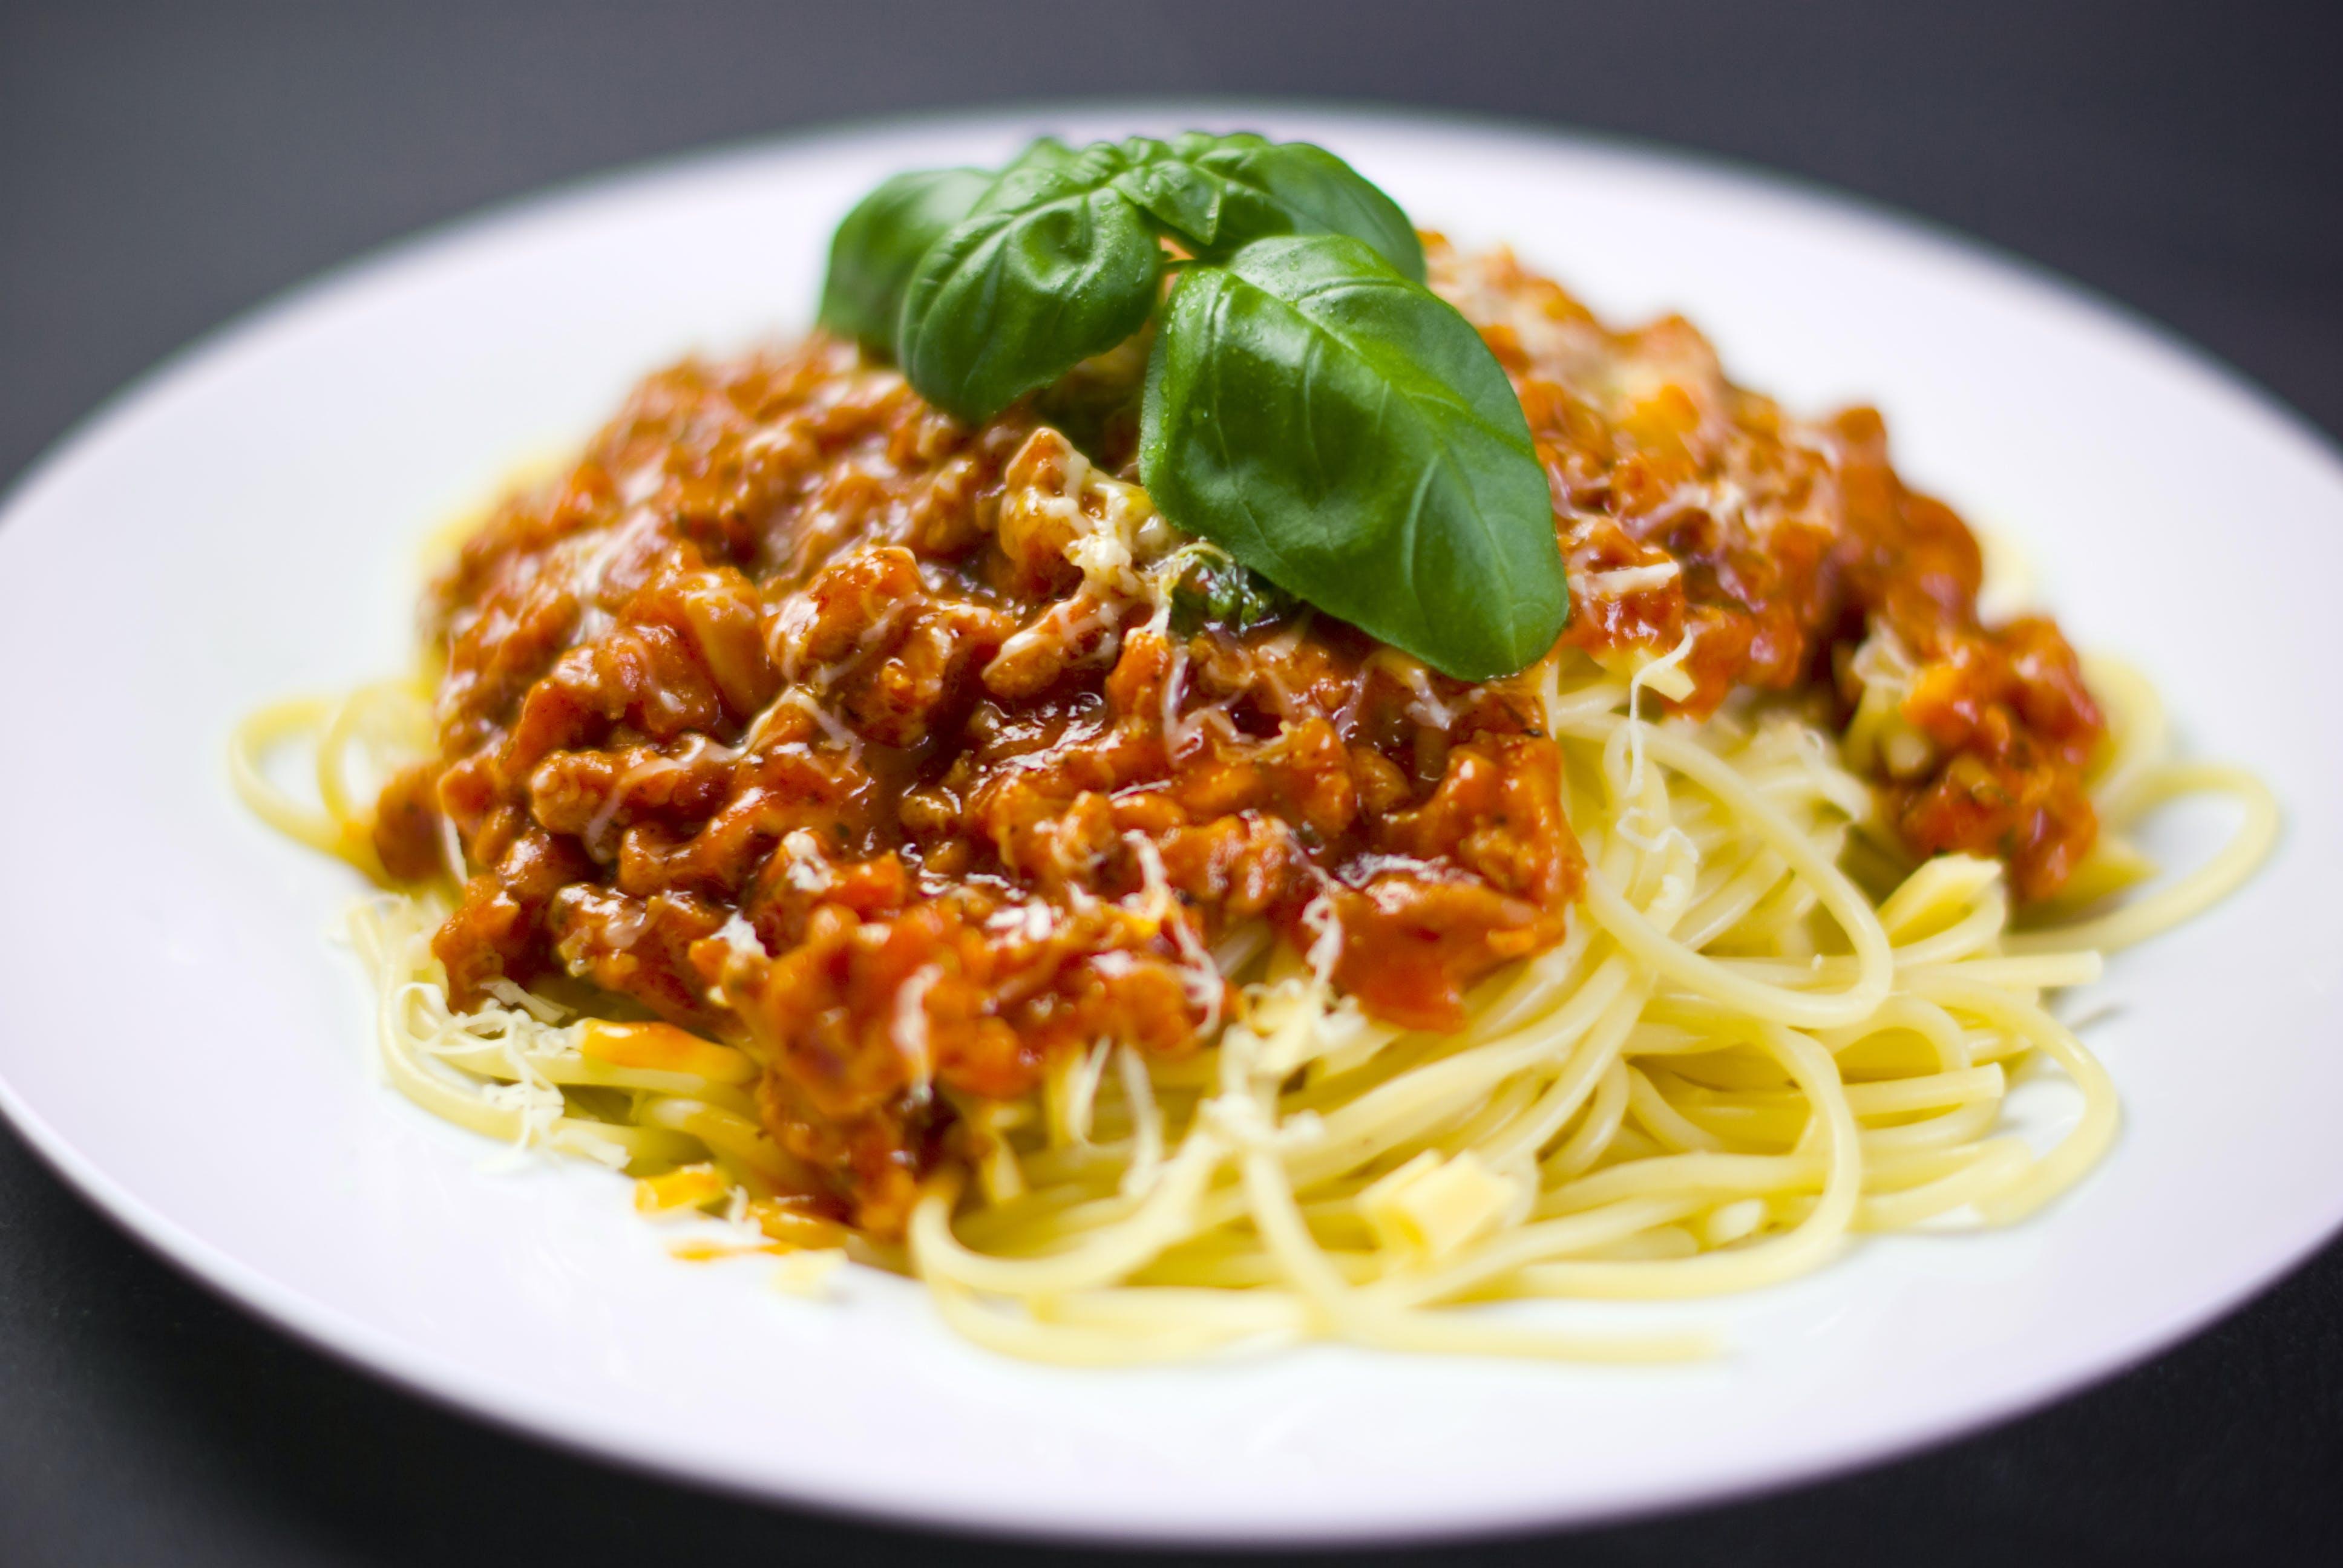 Spaghetti on White Plate